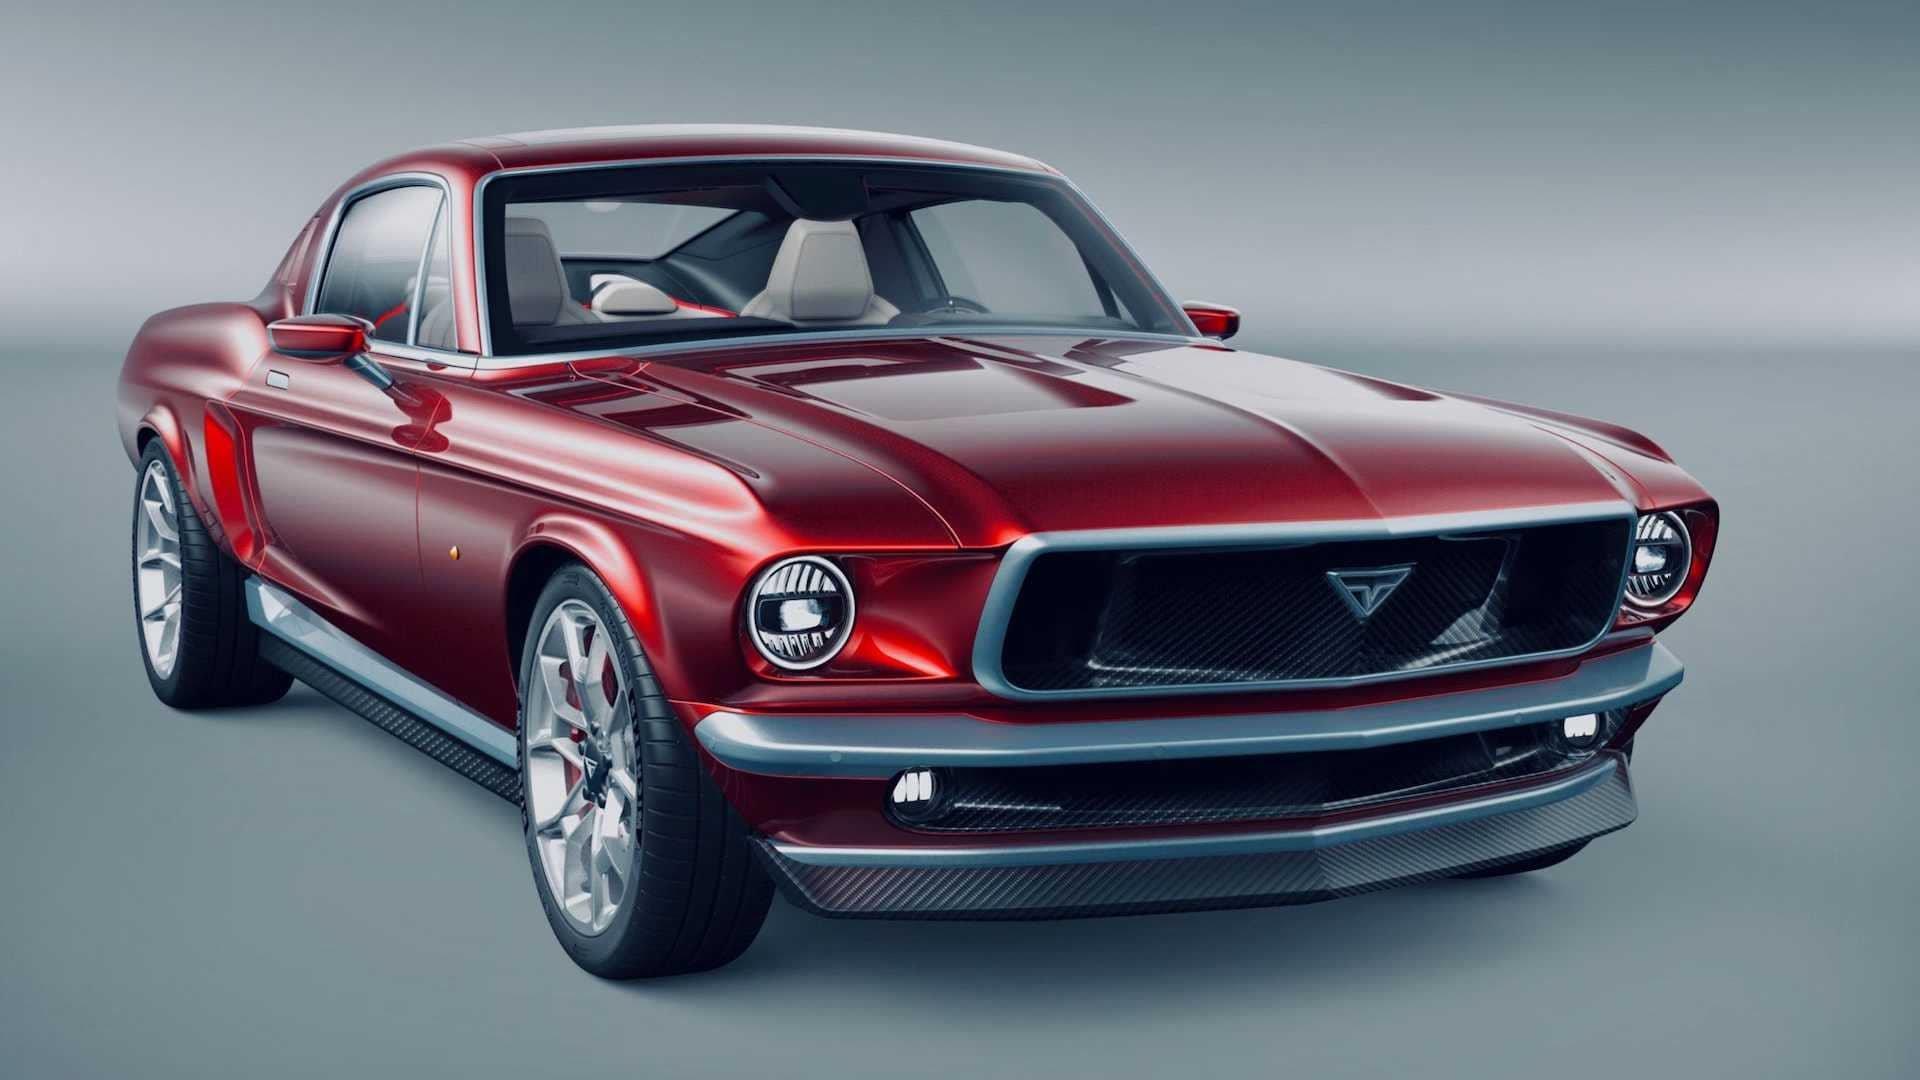 Aviar Motors R67, kříženec Mustangu a Tesly, Model S umí stovku za 2,2 s! - anotační obrázek